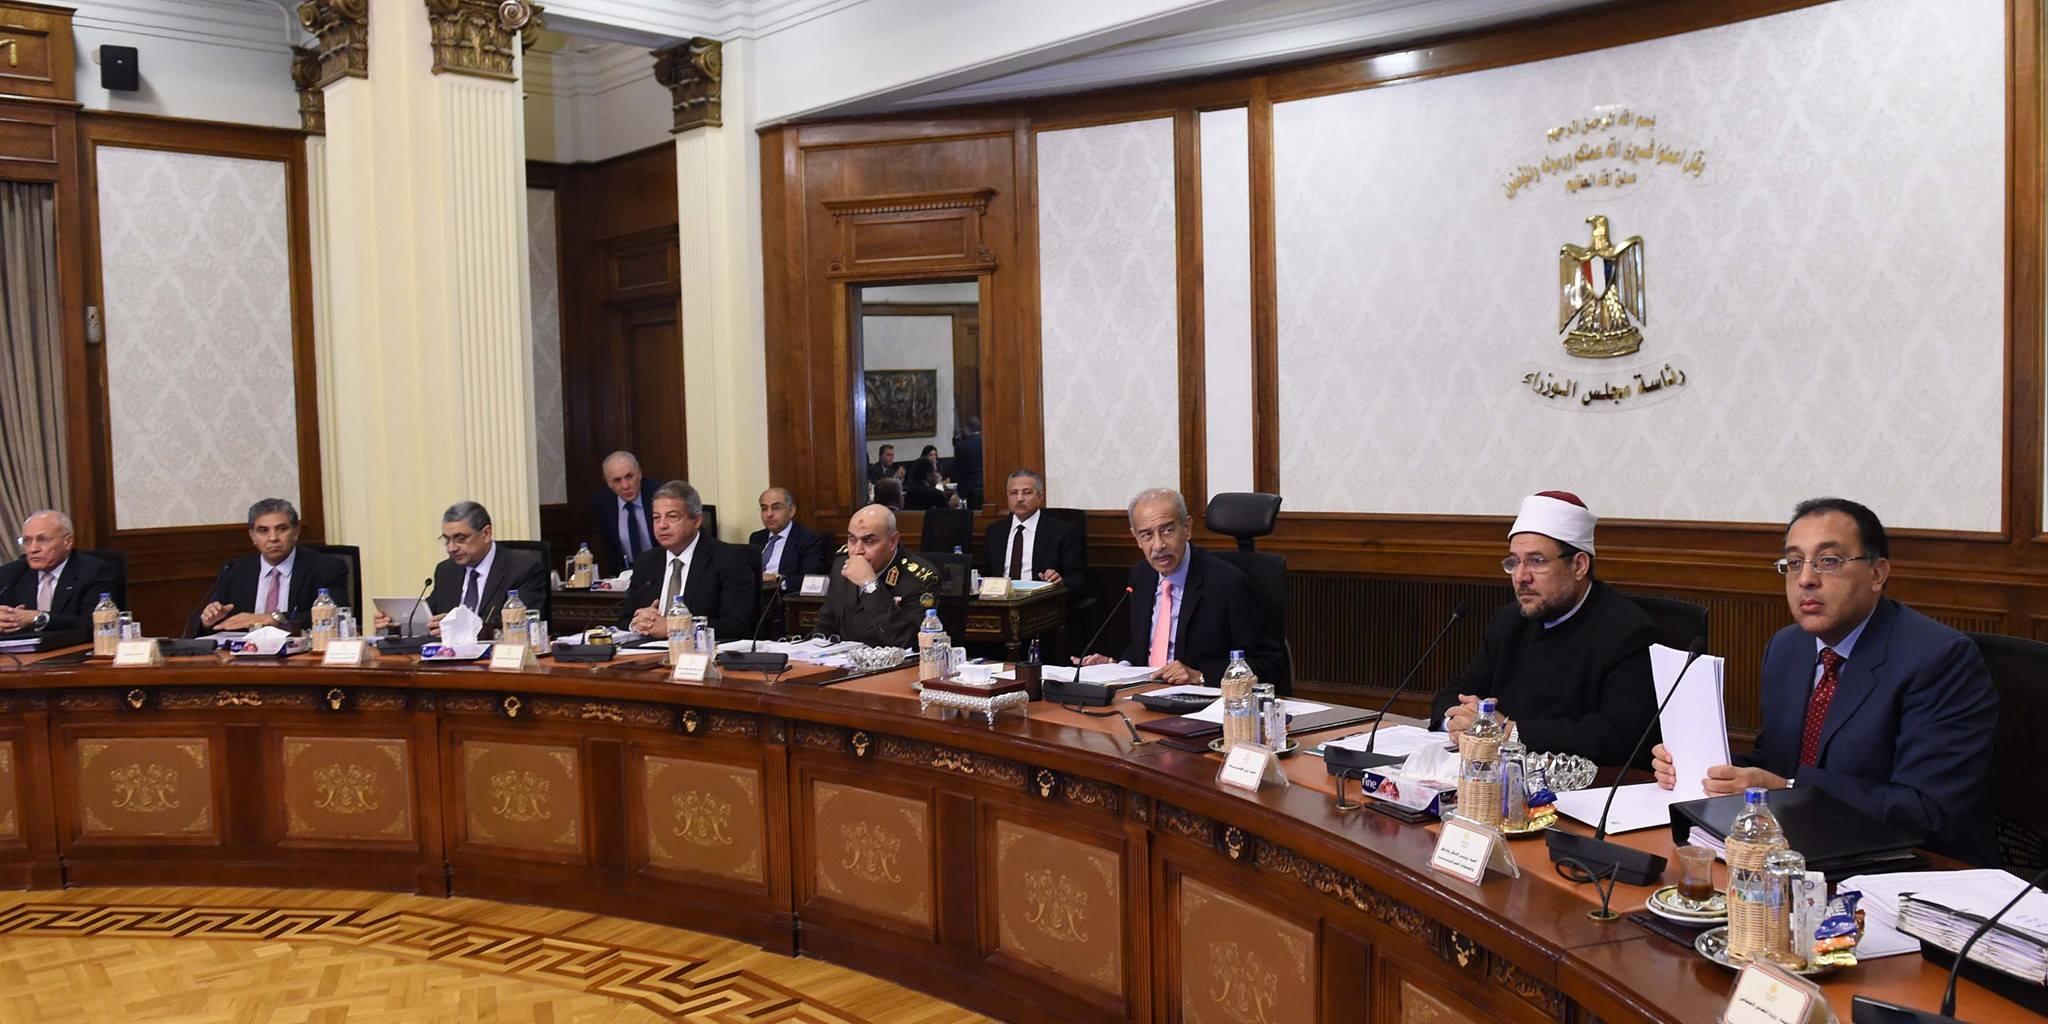 قرار جديد تصدره الحكومة بشأن العاملين بمجلس الدولة